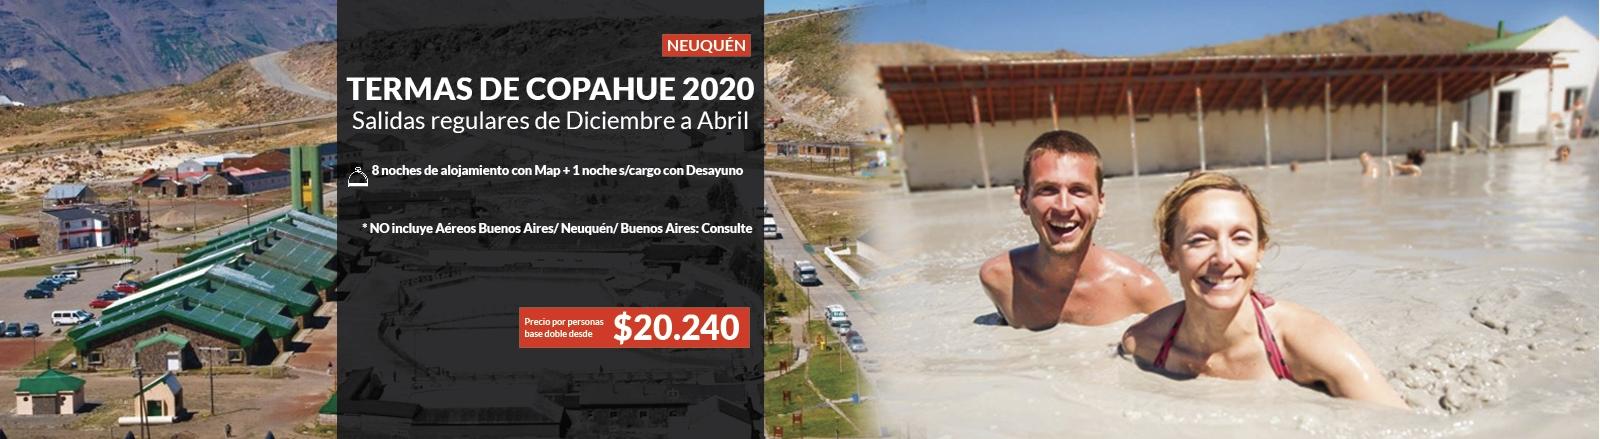 Copahue 2020